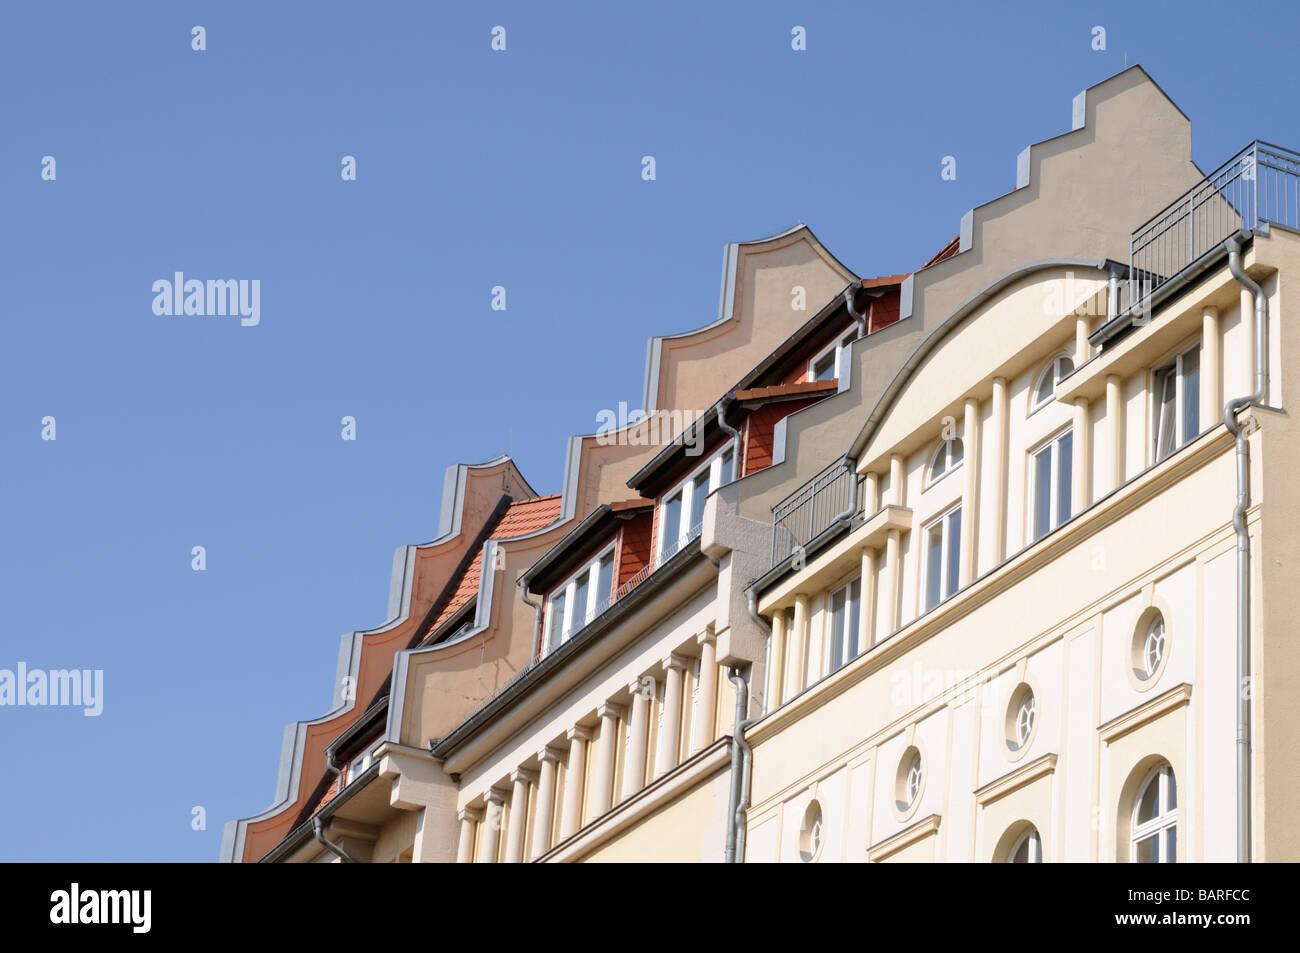 Giebel von Gebäuden in Schwerin Deutschland Gables of buildings in Schwerin Germany - Stock Image